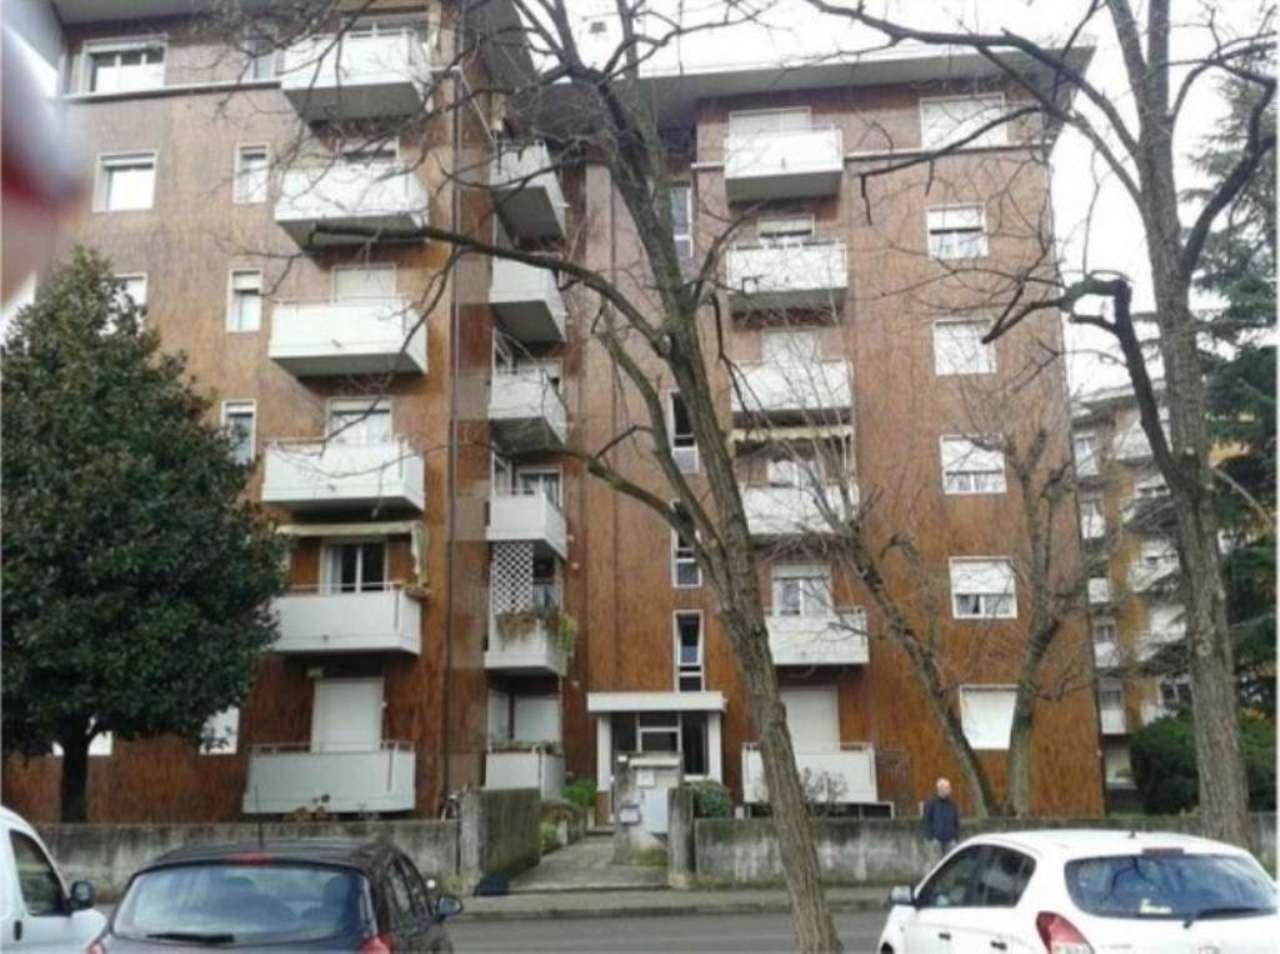 Appartamento in vendita a Treviso, 4 locali, prezzo € 125.000 | Cambio Casa.it